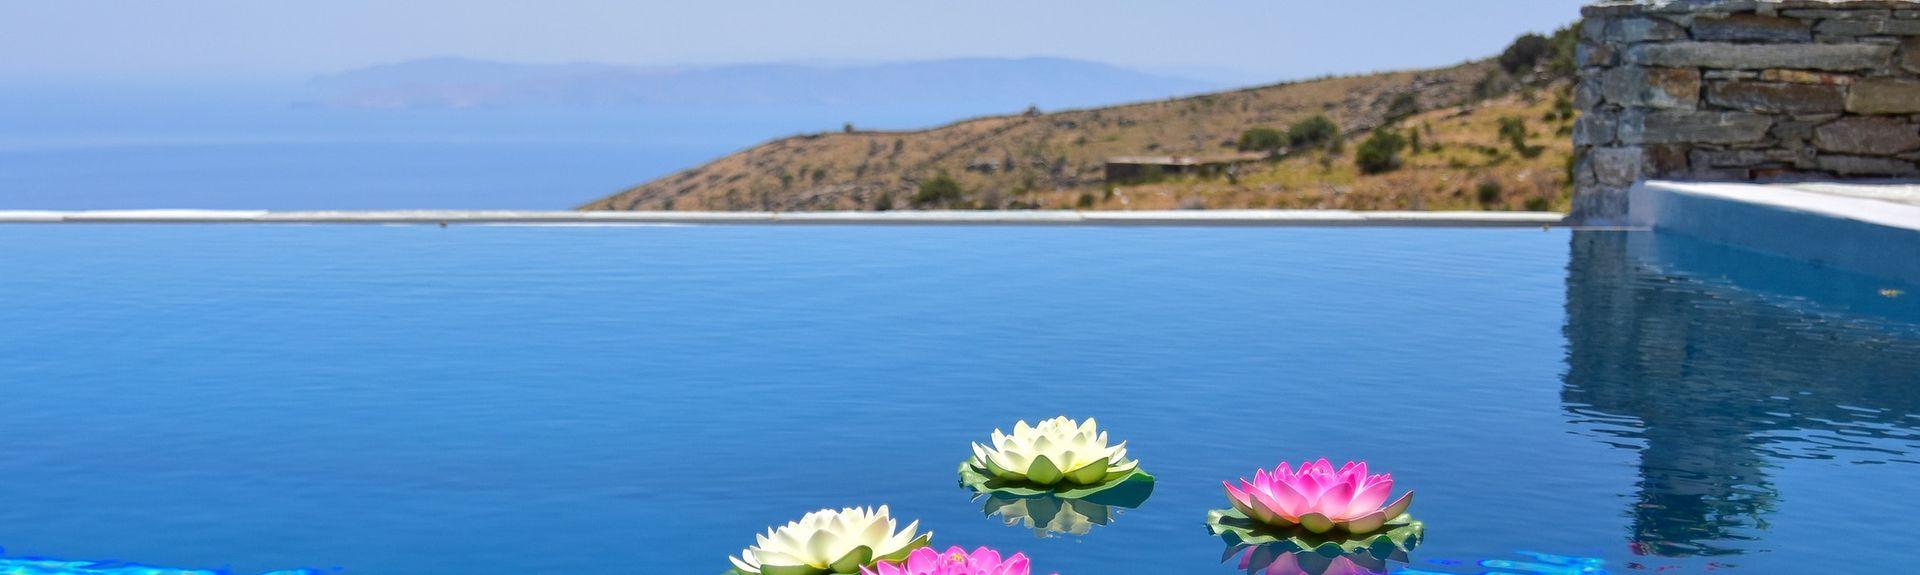 Παραλία Κούνδουρος, Κούνδουρος, Νησιά του Αιγαίου, Ελλάδα